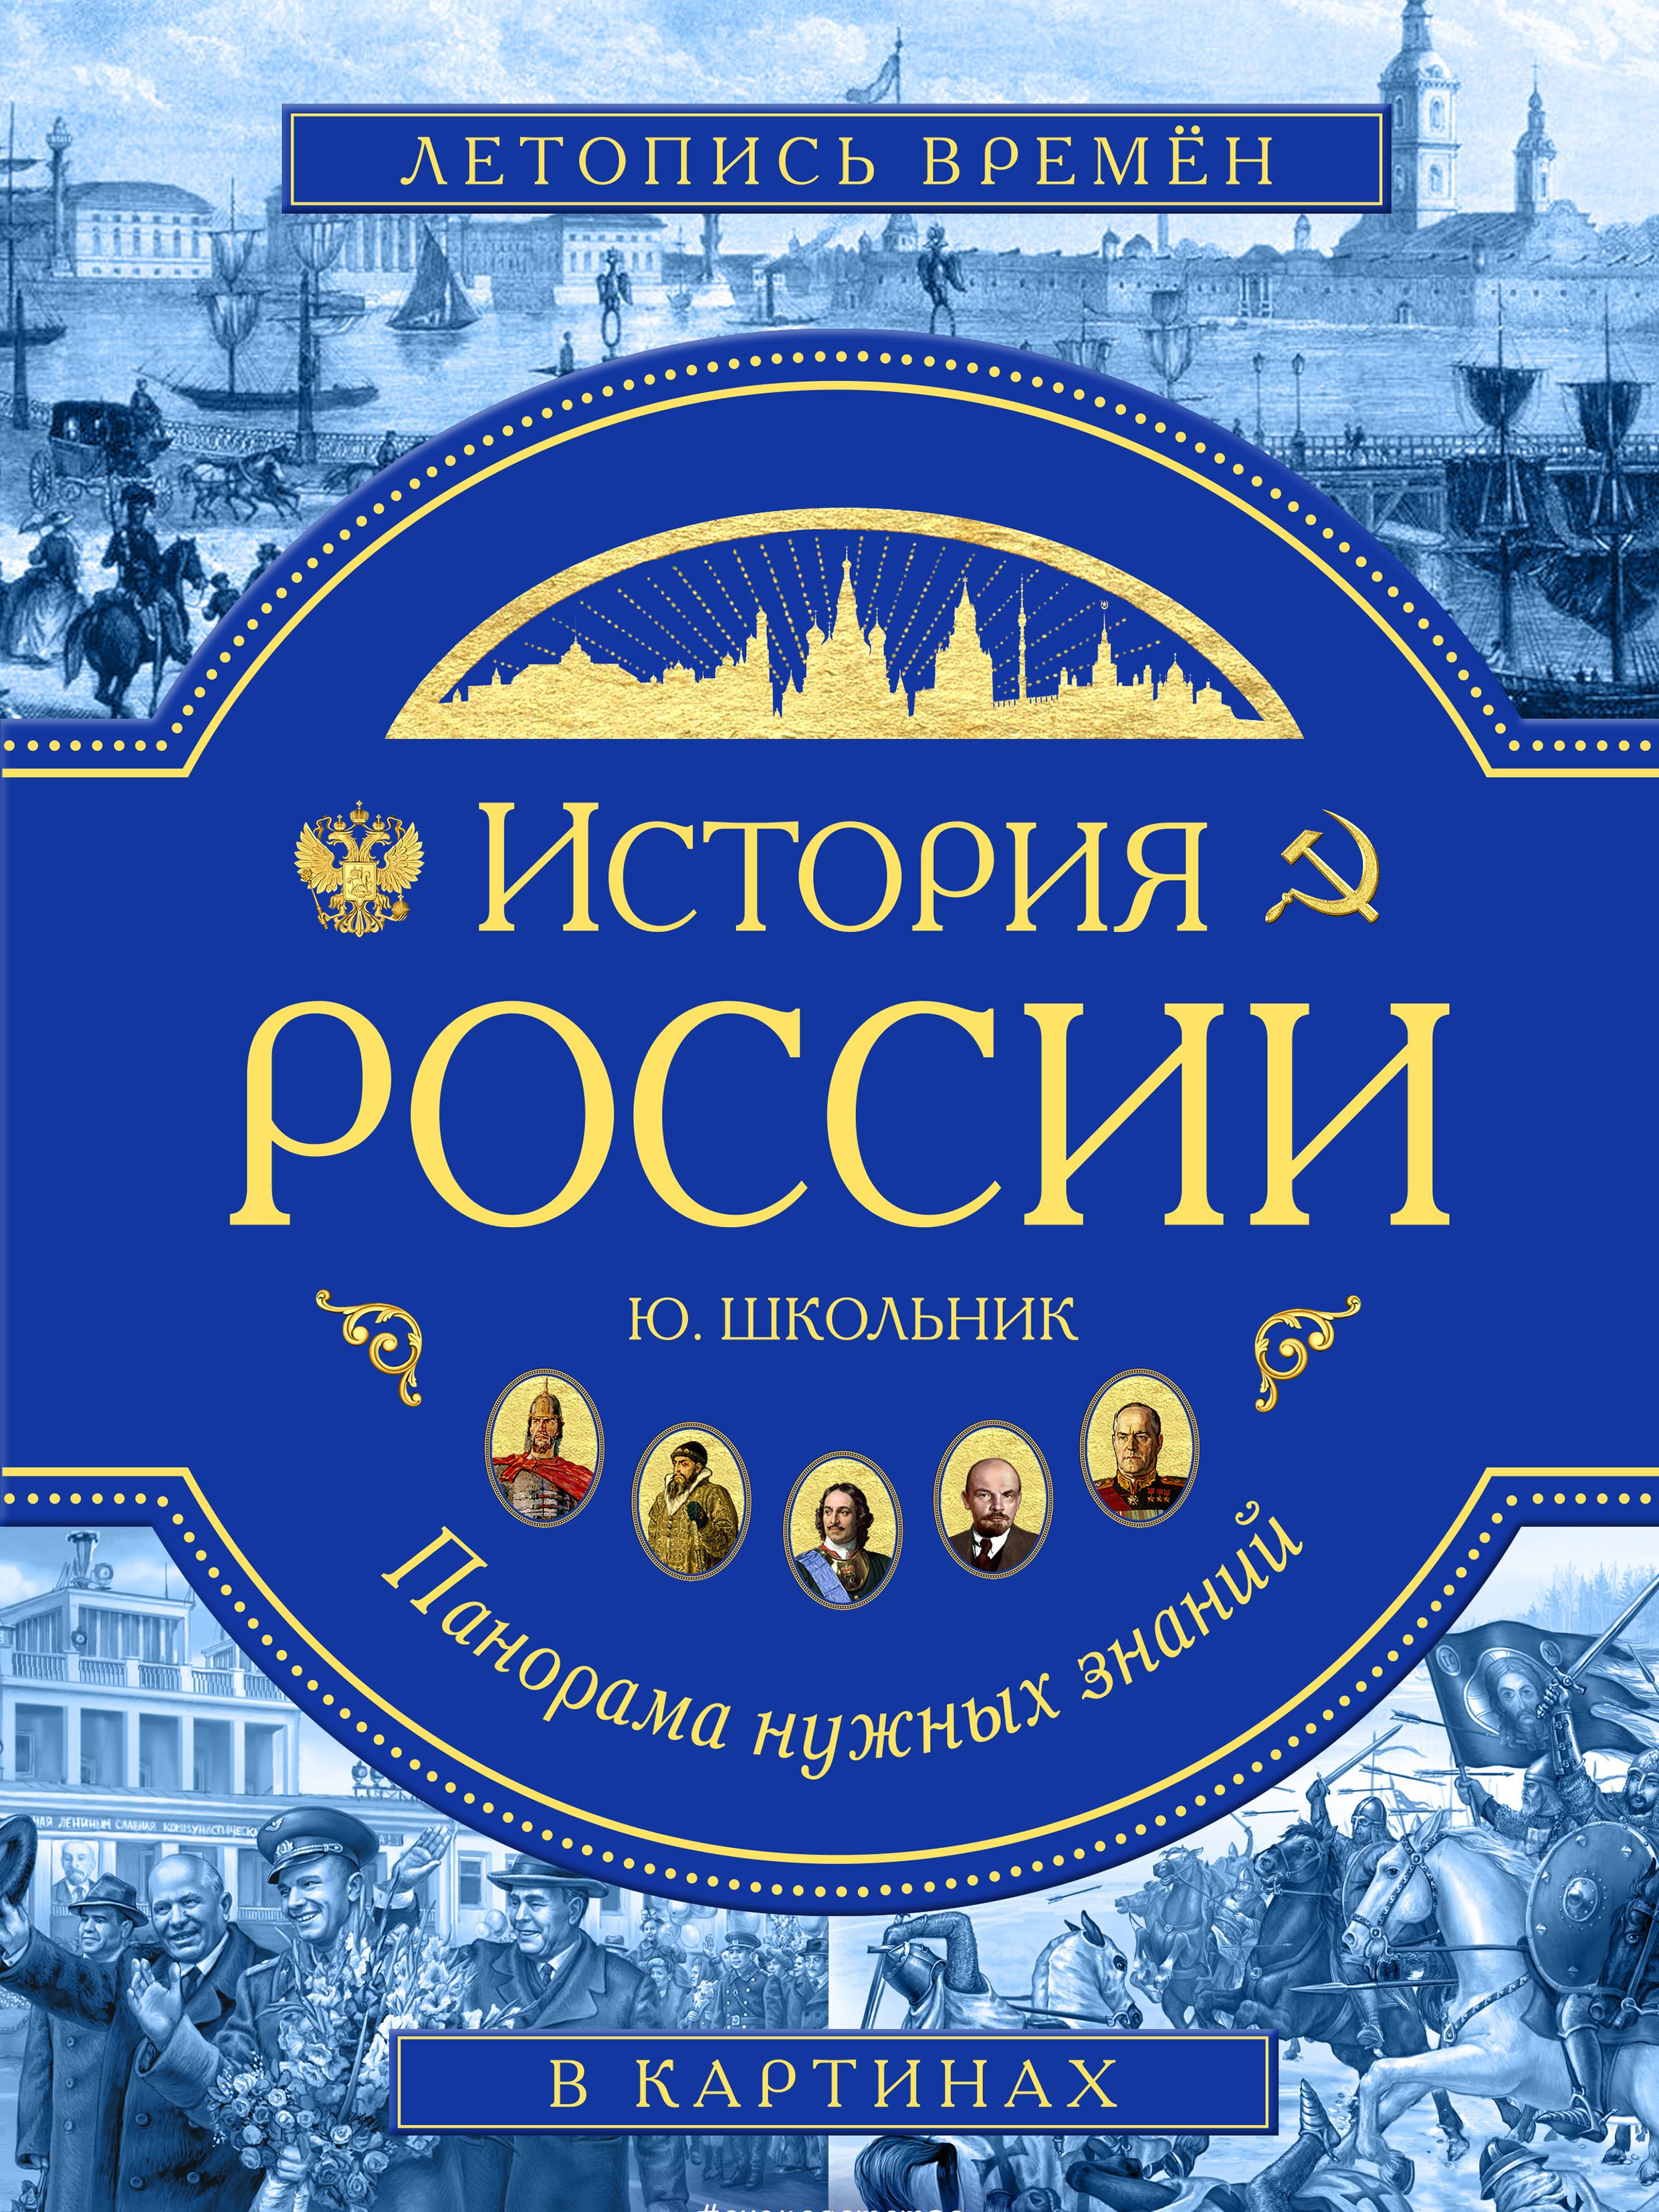 istoriya rossii panorama nuzhnykh znaniy